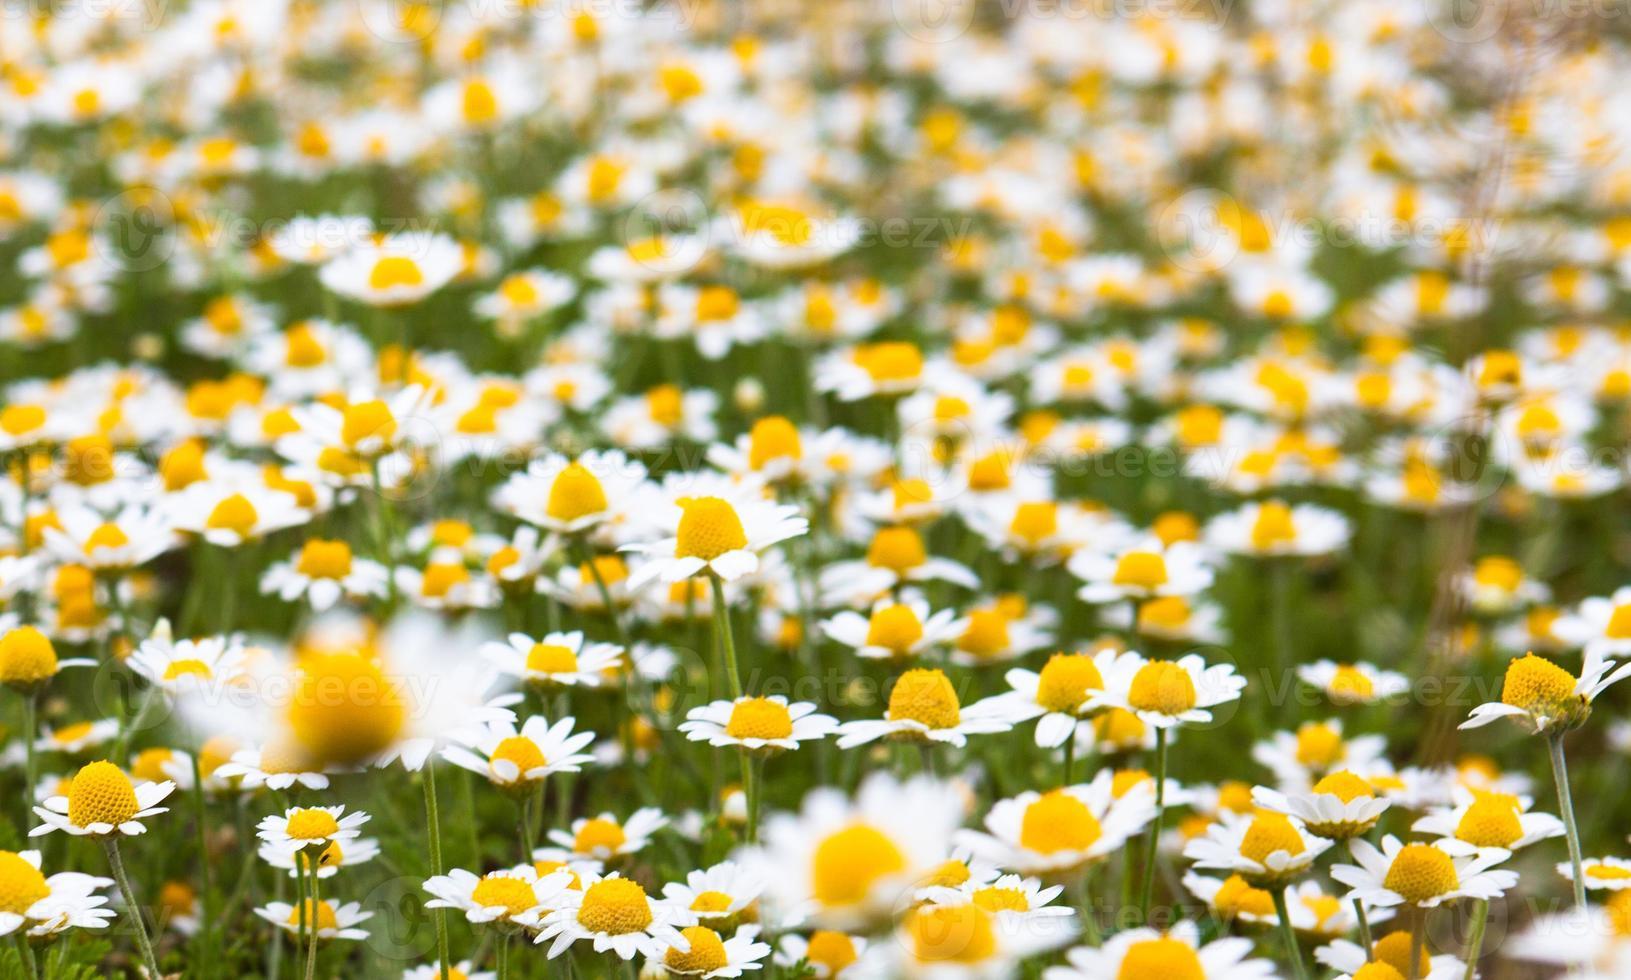 blommande kamomill foto